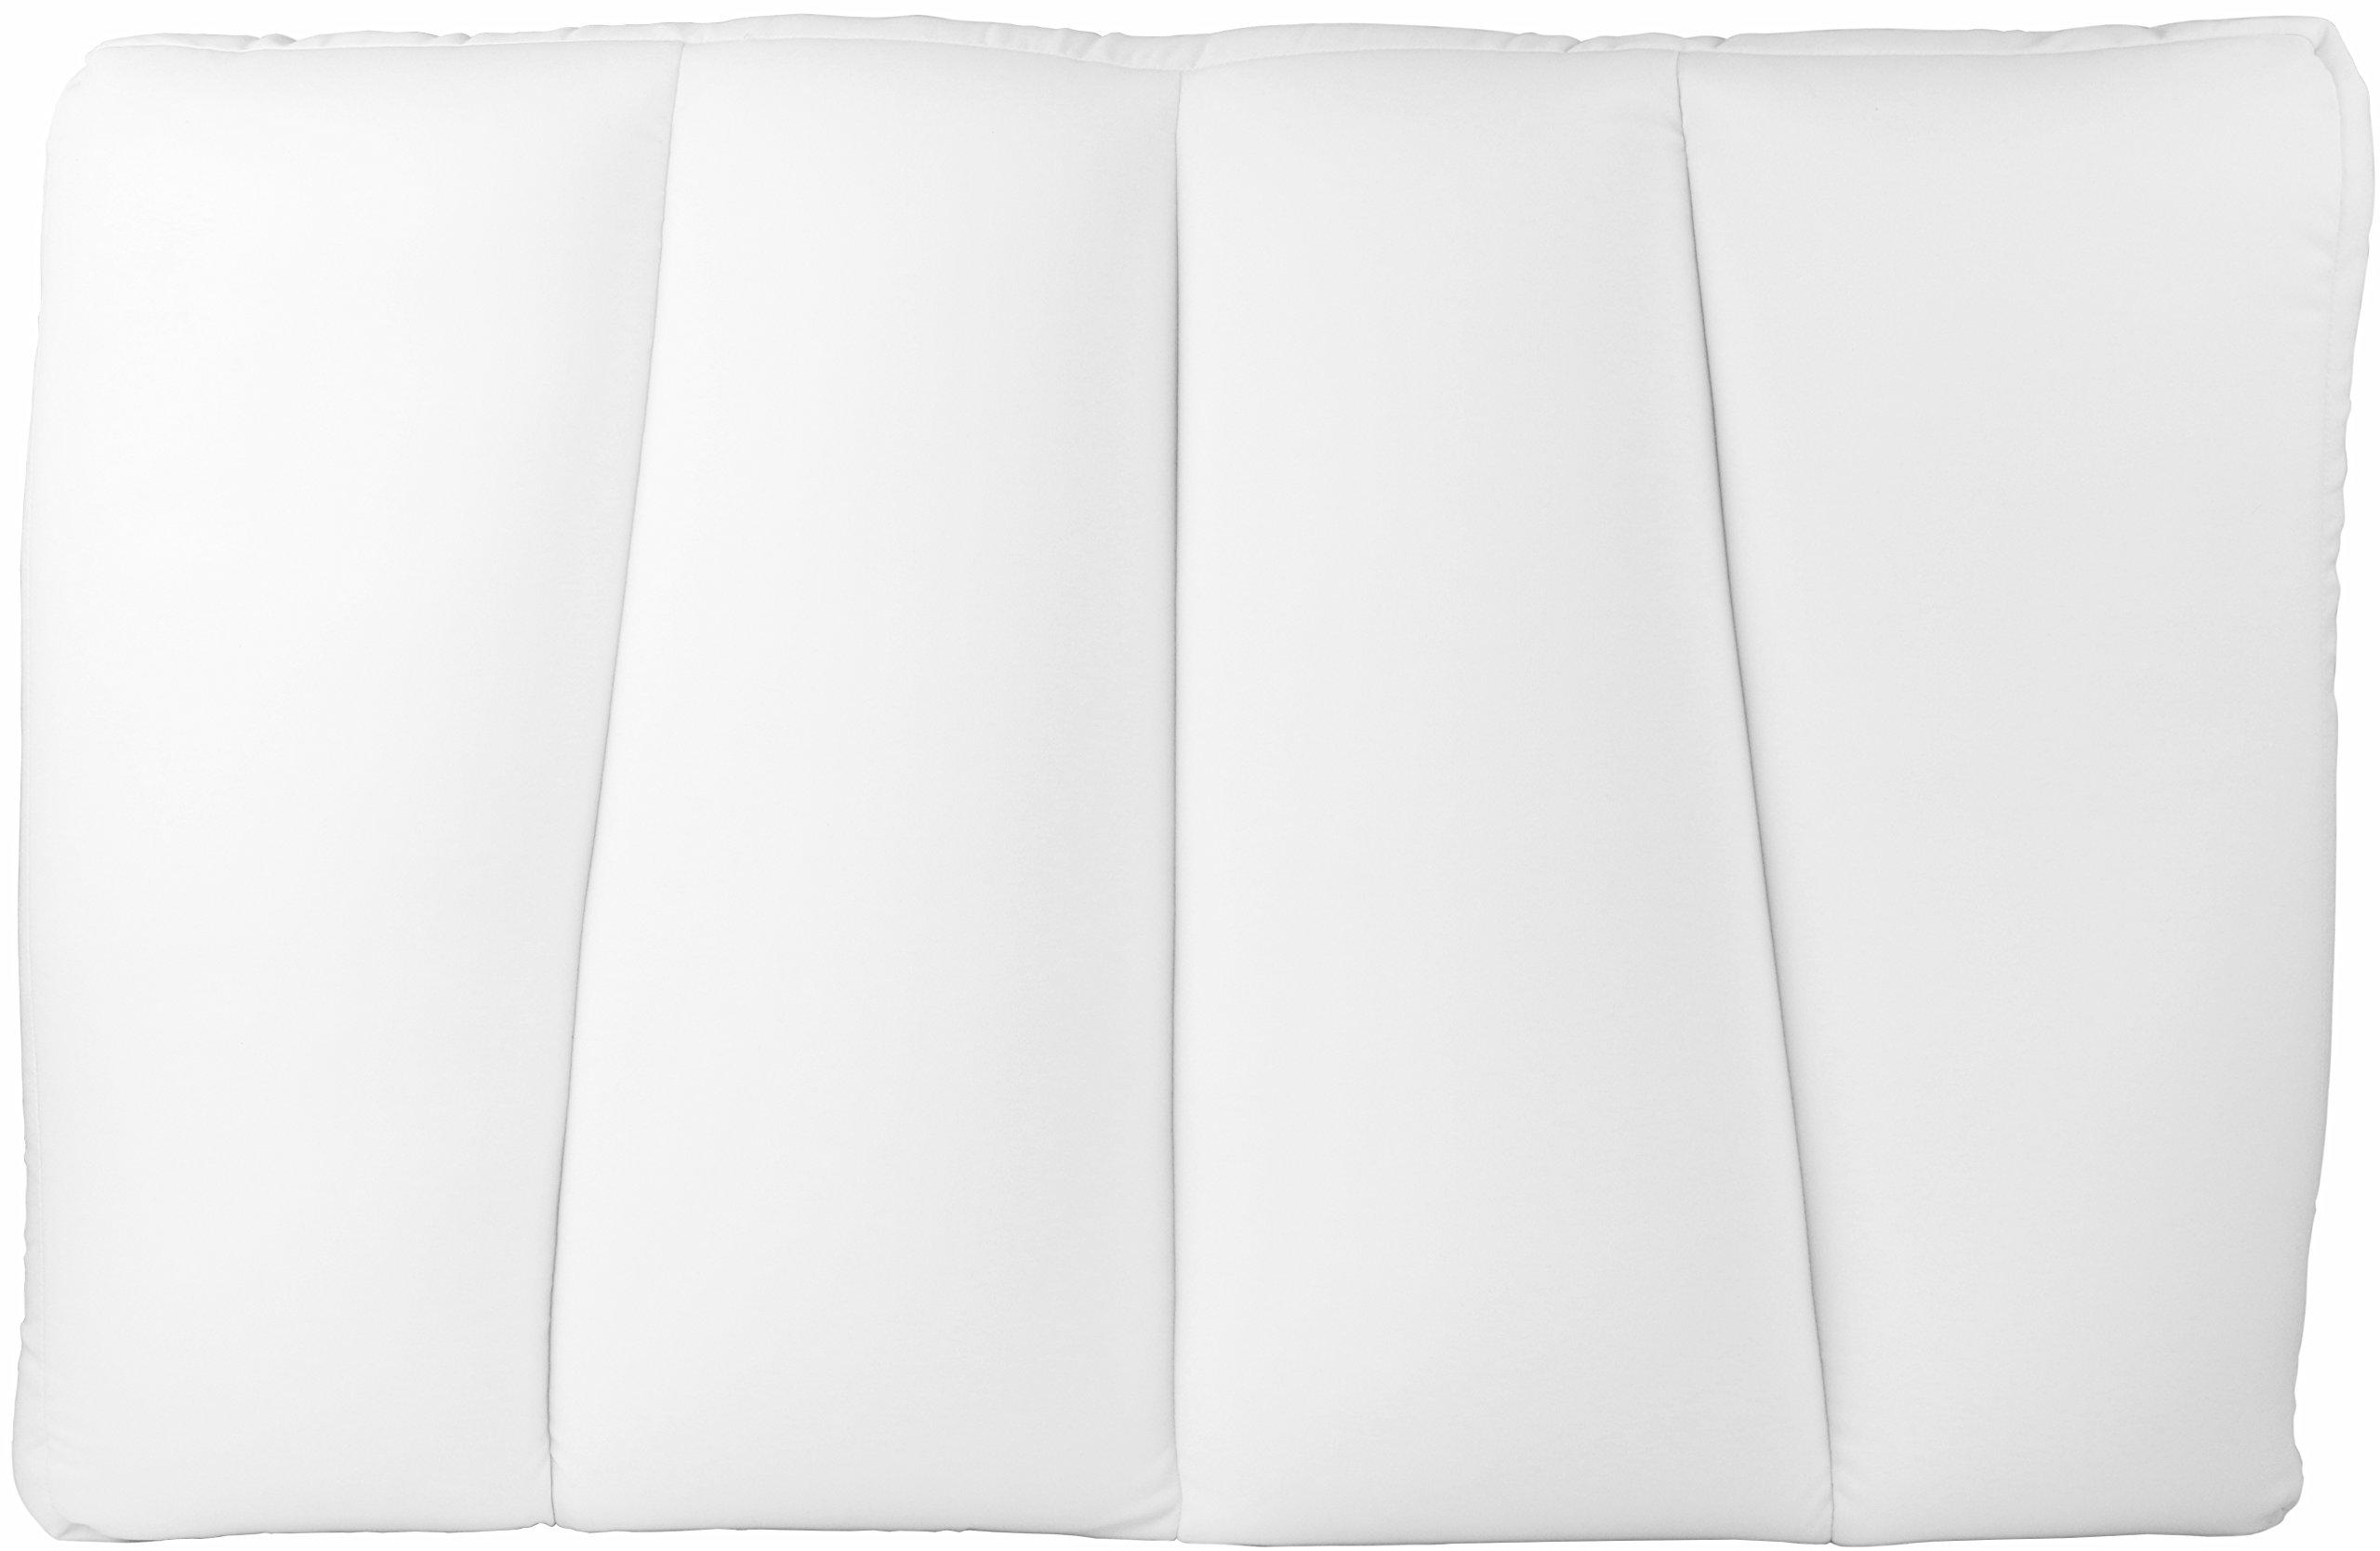 Deluxe Comfort MicroBead Cloud Pillow